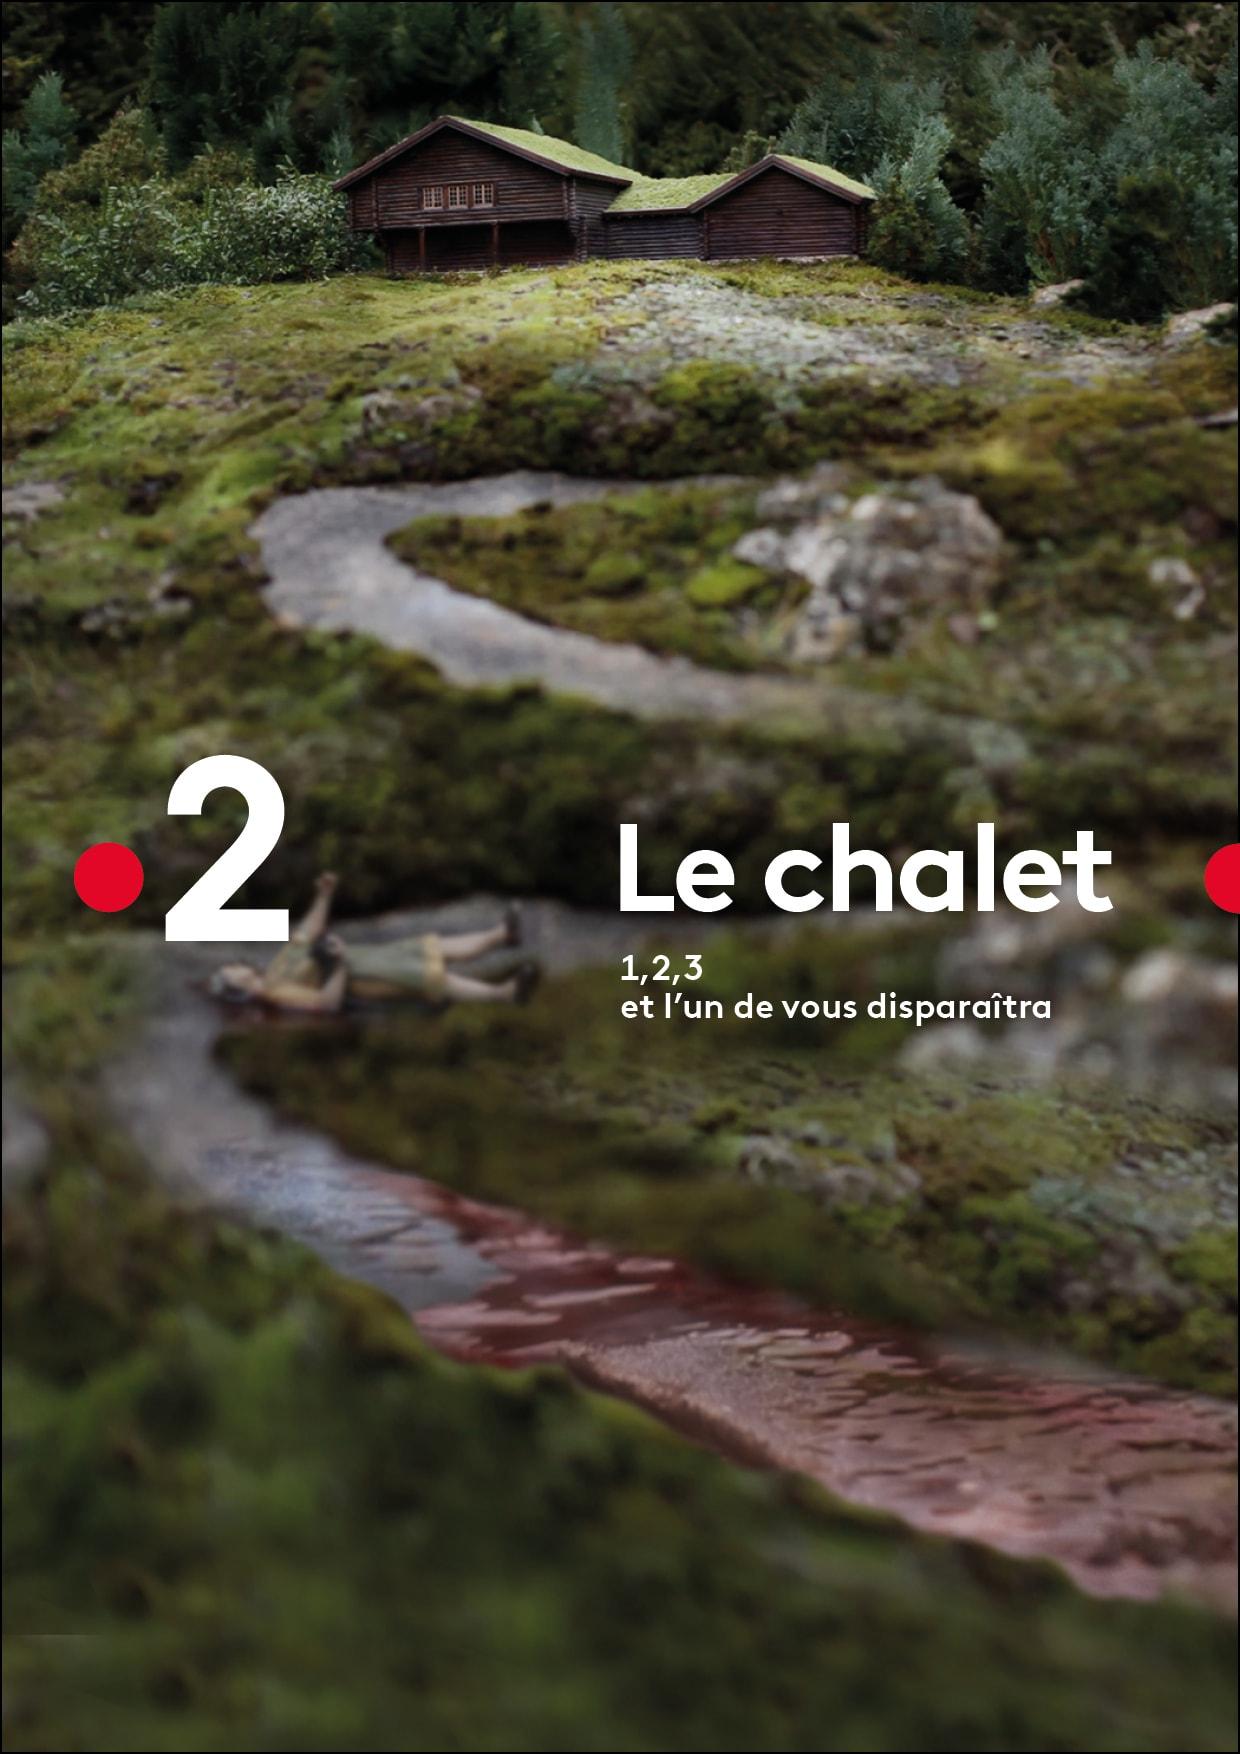 LE CHALET de Camille Bordes-Resnais et Alexis Lecaye image avec logo France 2